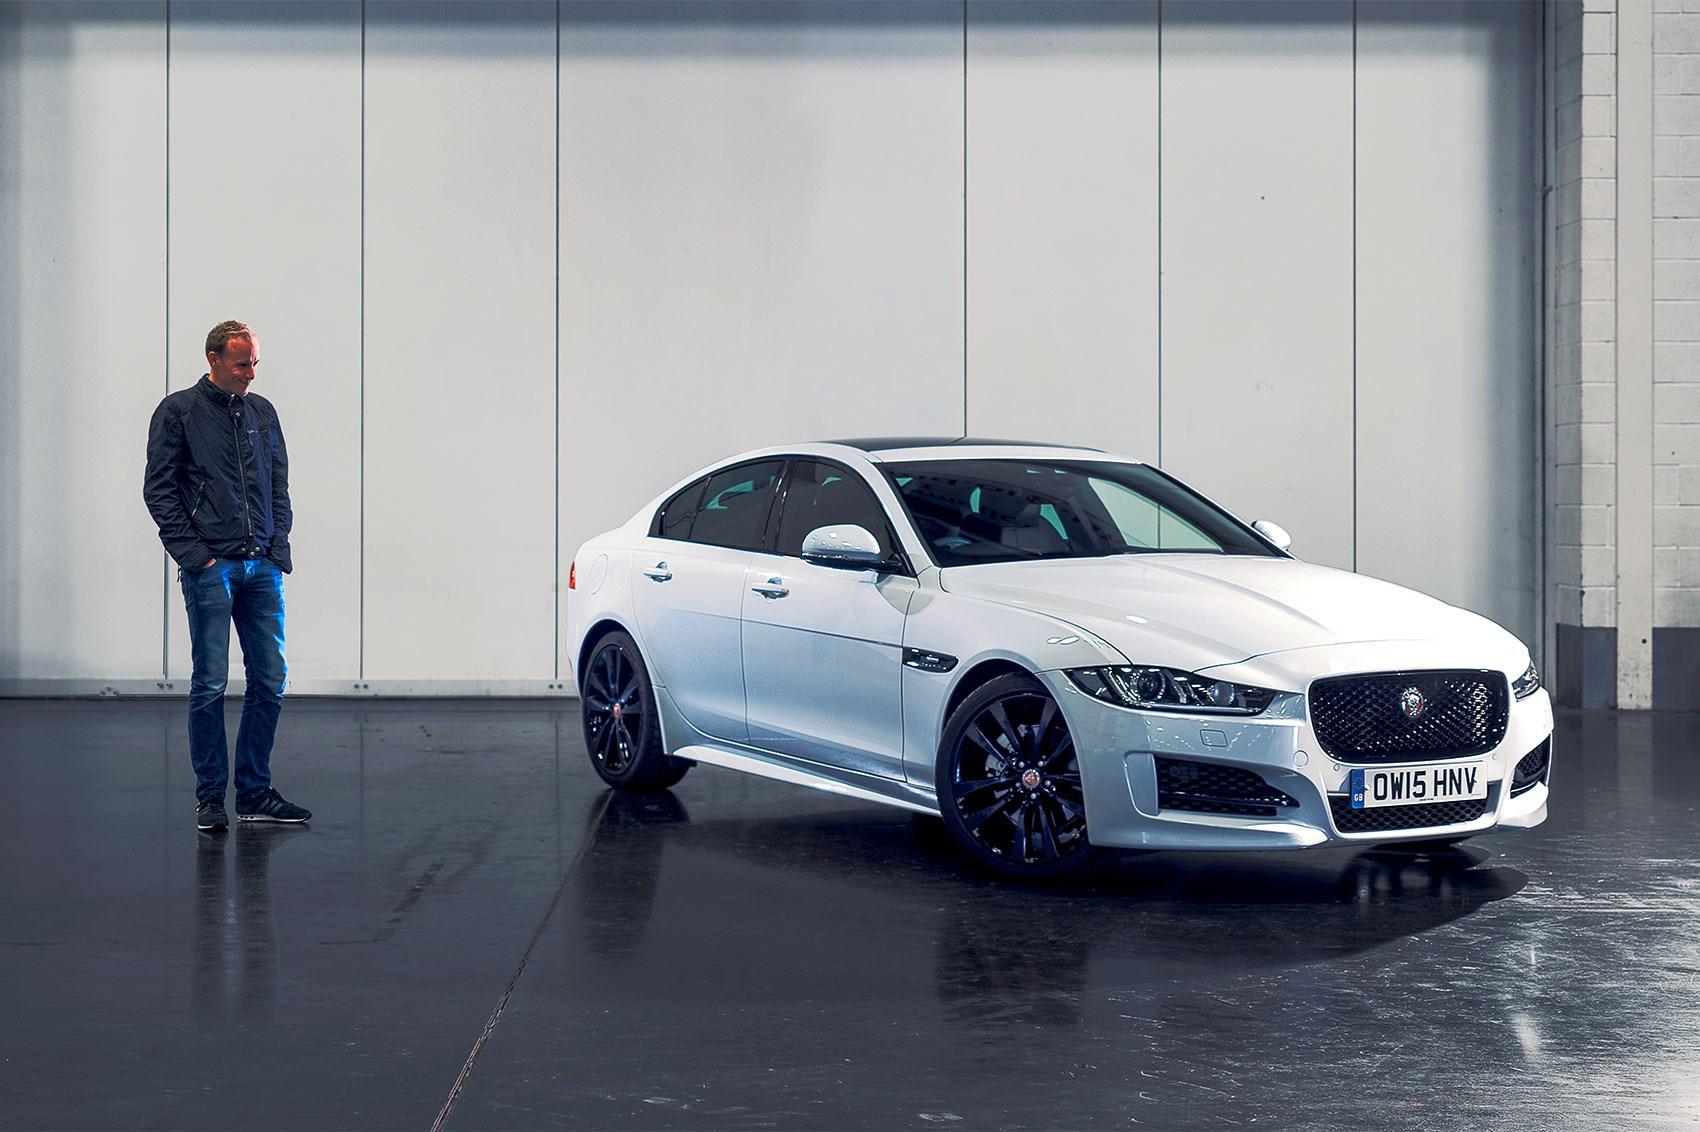 Jaguar lanzó al mercado de empresas el XE con una neta vocación corporativa. Su resultado de ventas en este ámbito es bastante pobre en España: apenas 78 unidades en renting en los siete primeros meses del año.